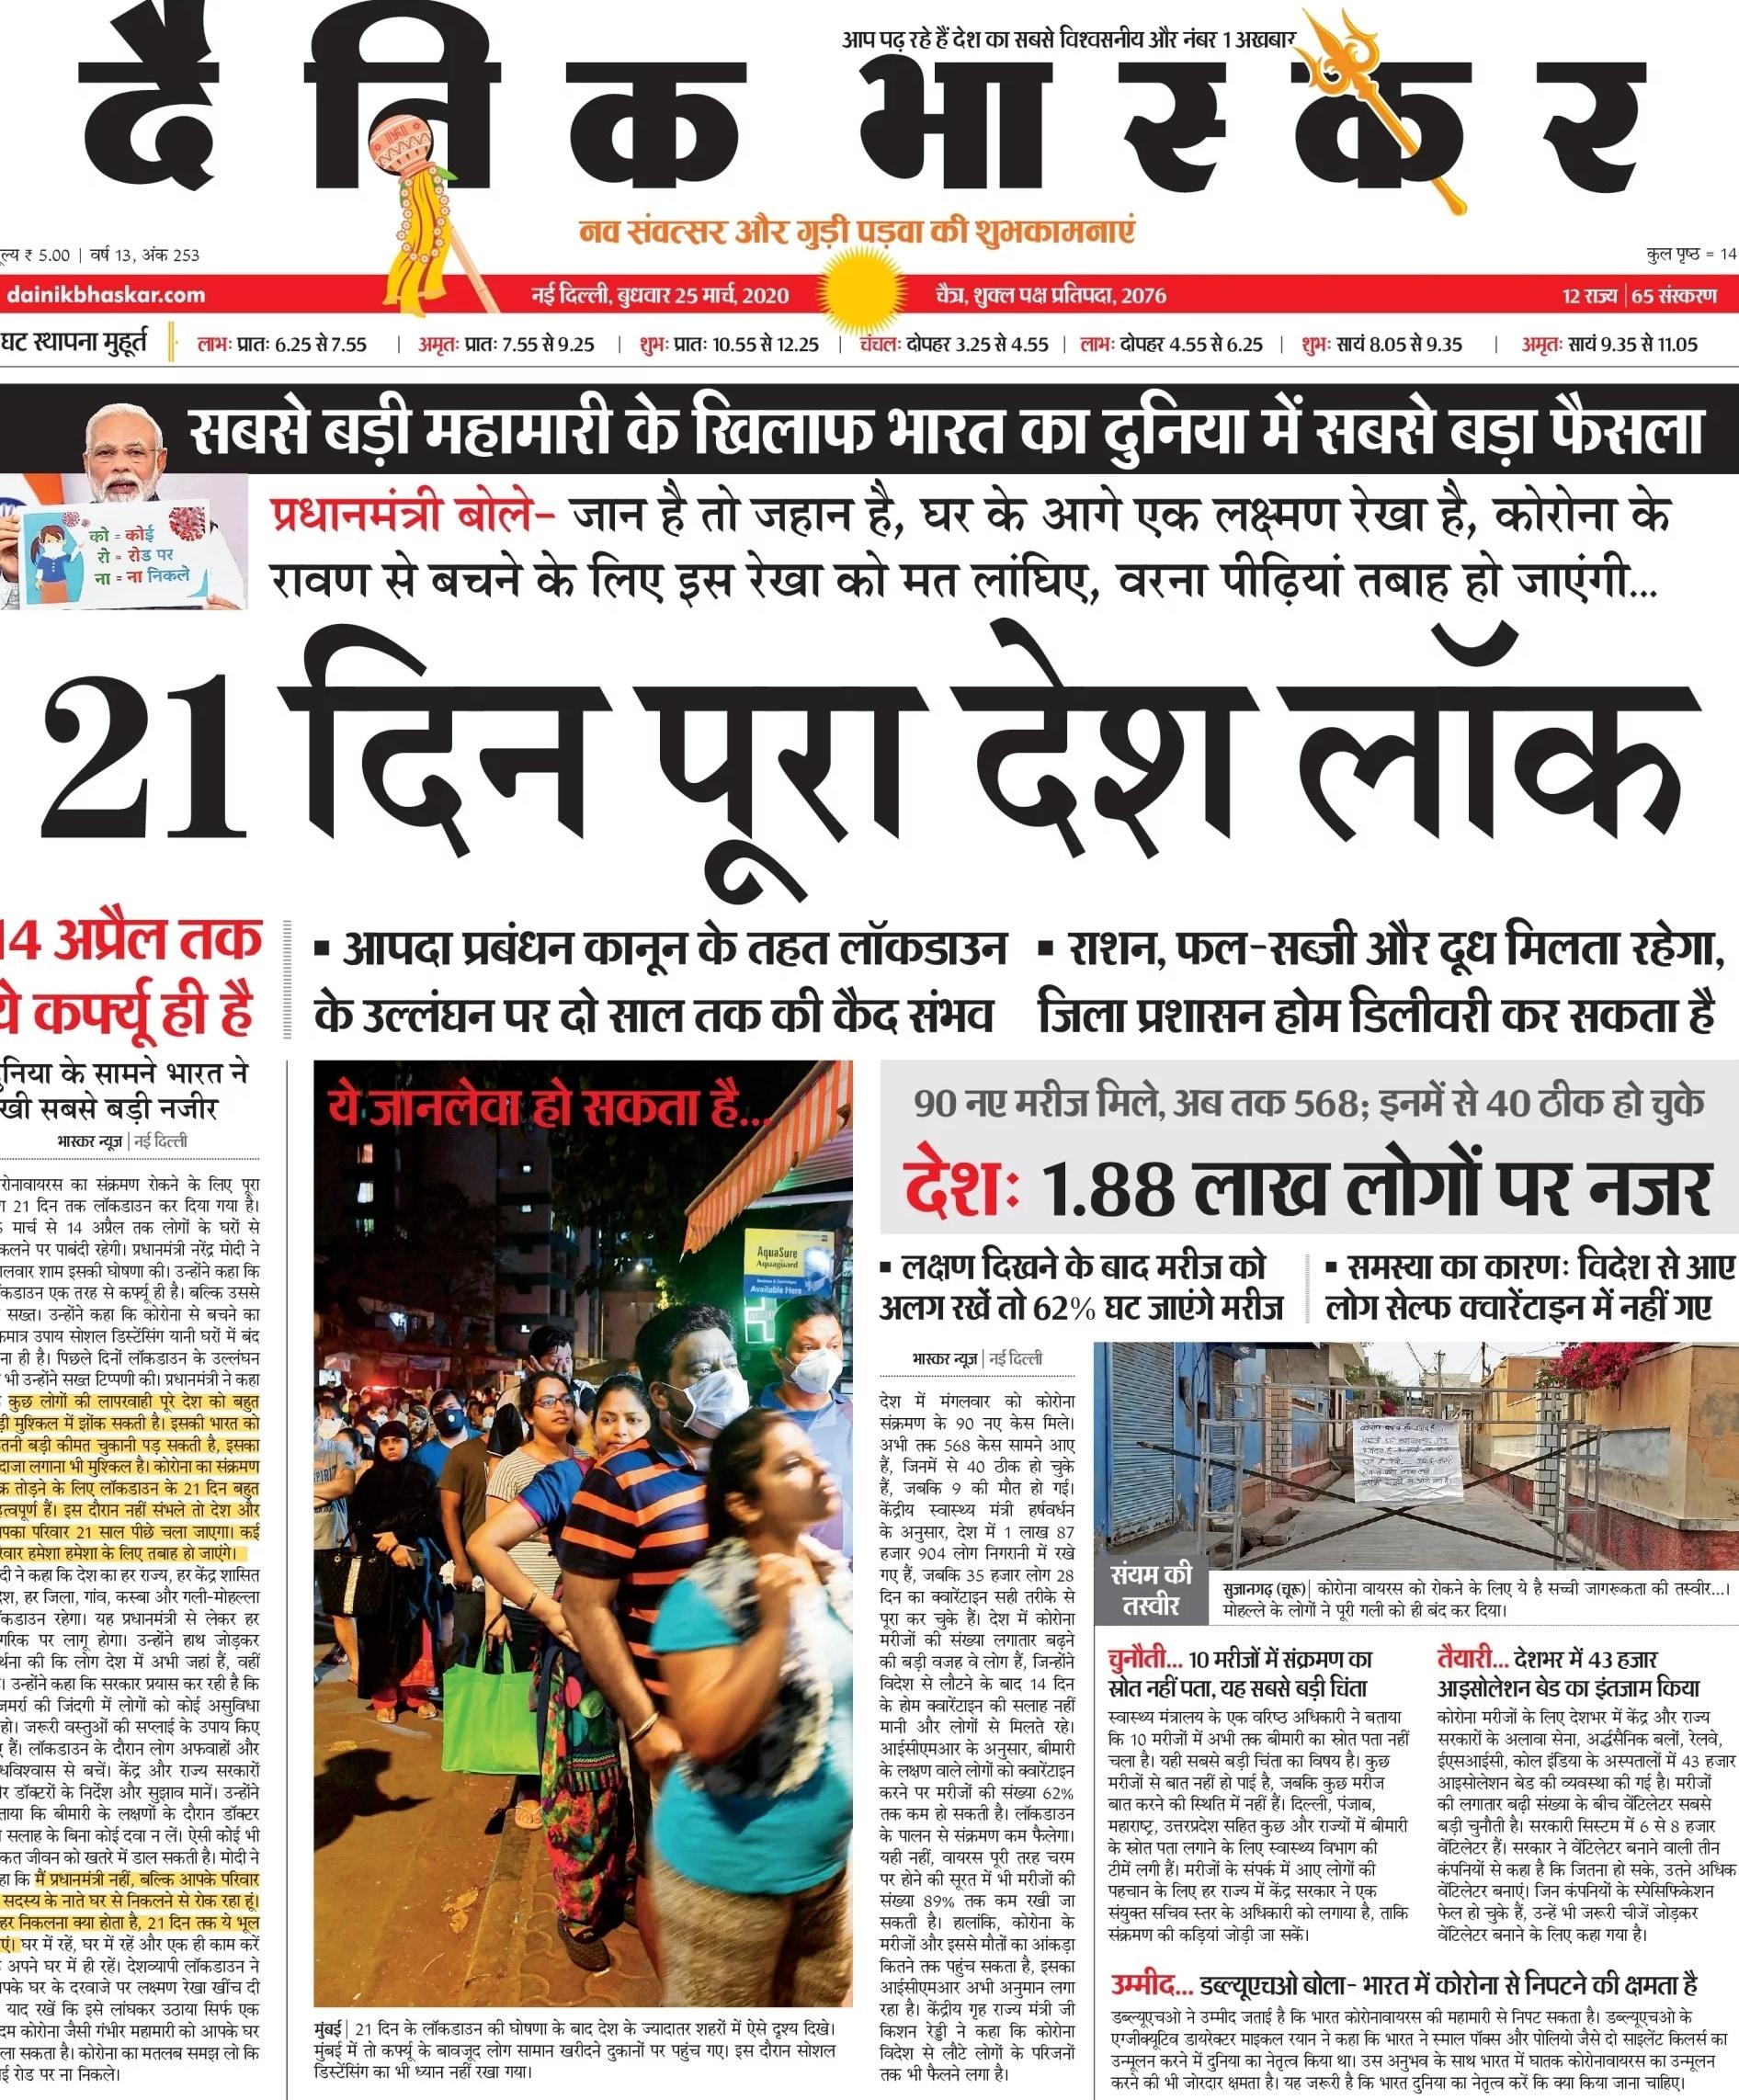 हिन्दी दैनिक भास्कर ने लिखा है- 21 दिन पूरा देश लॉक